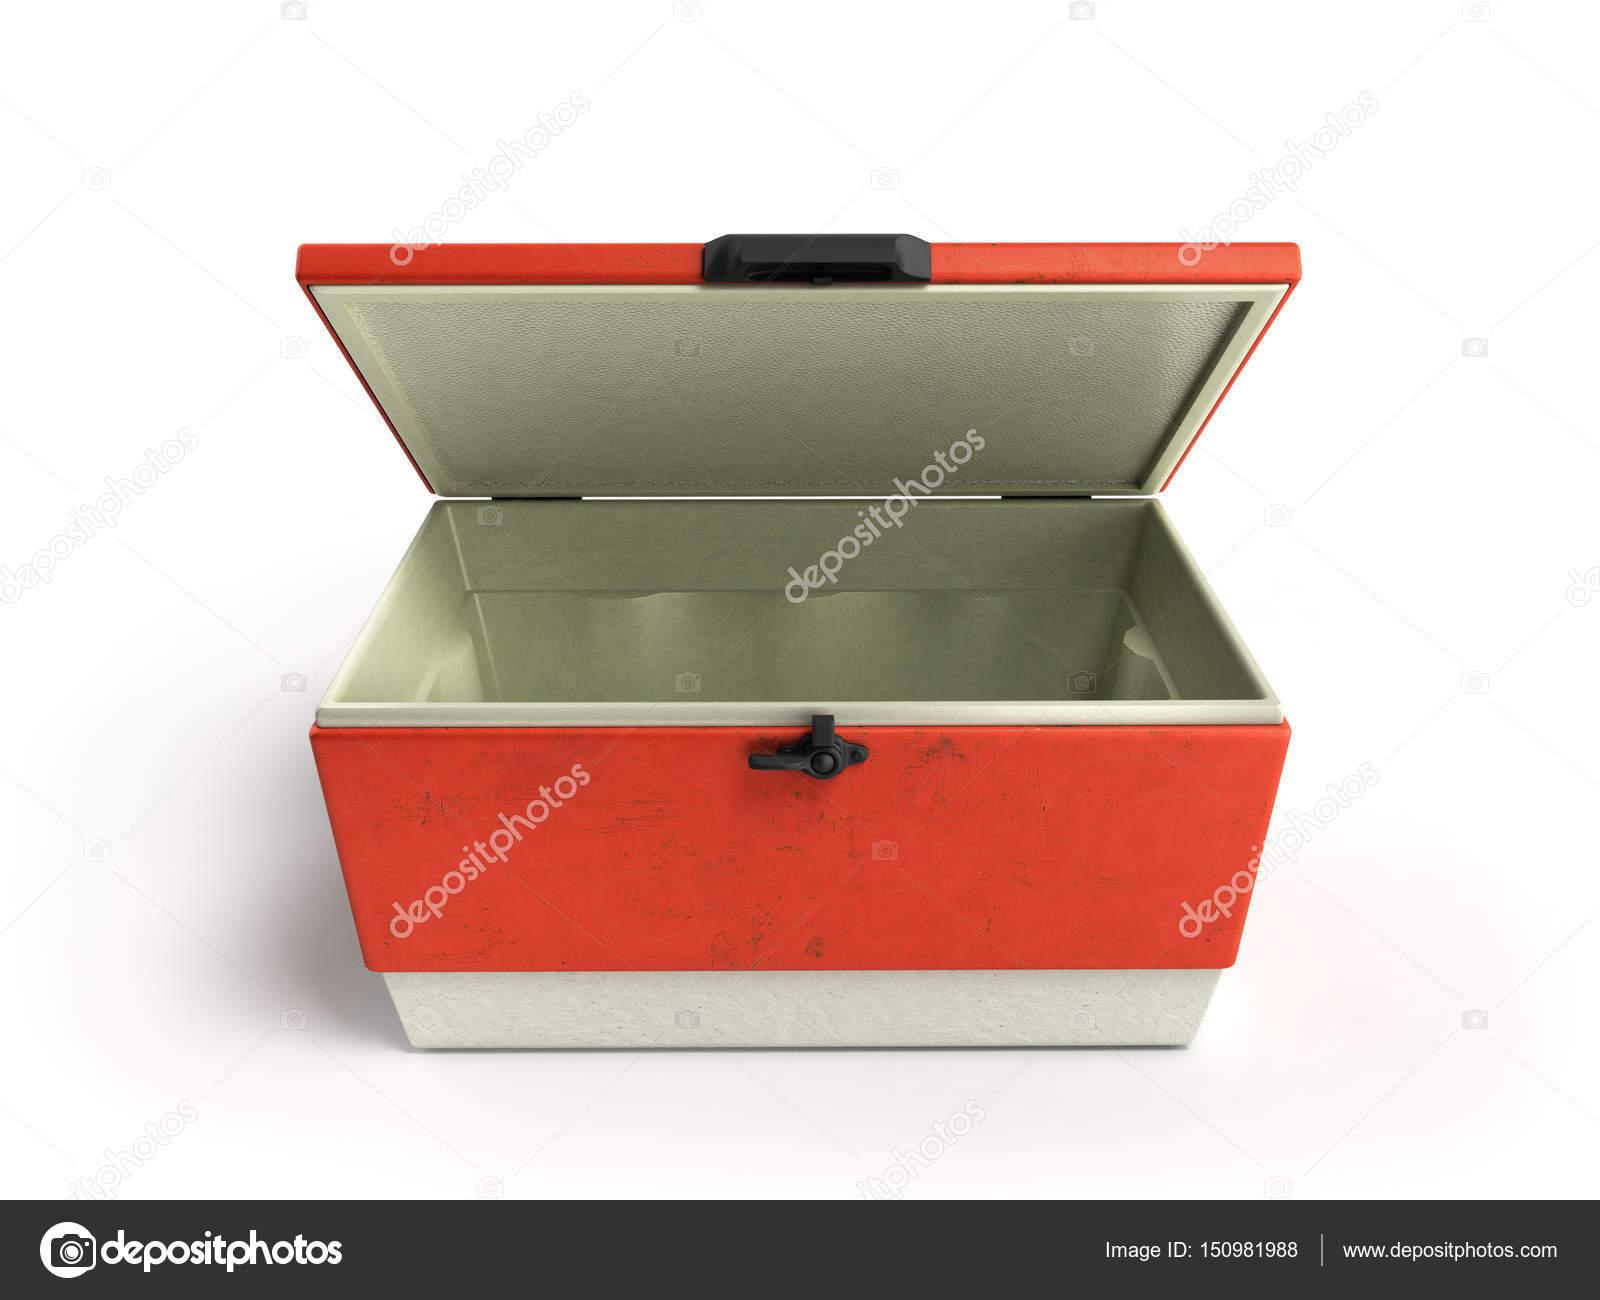 Kühlschrank In Rot : Öffnen sie strand kühlschrank cooler rot d render auf einem